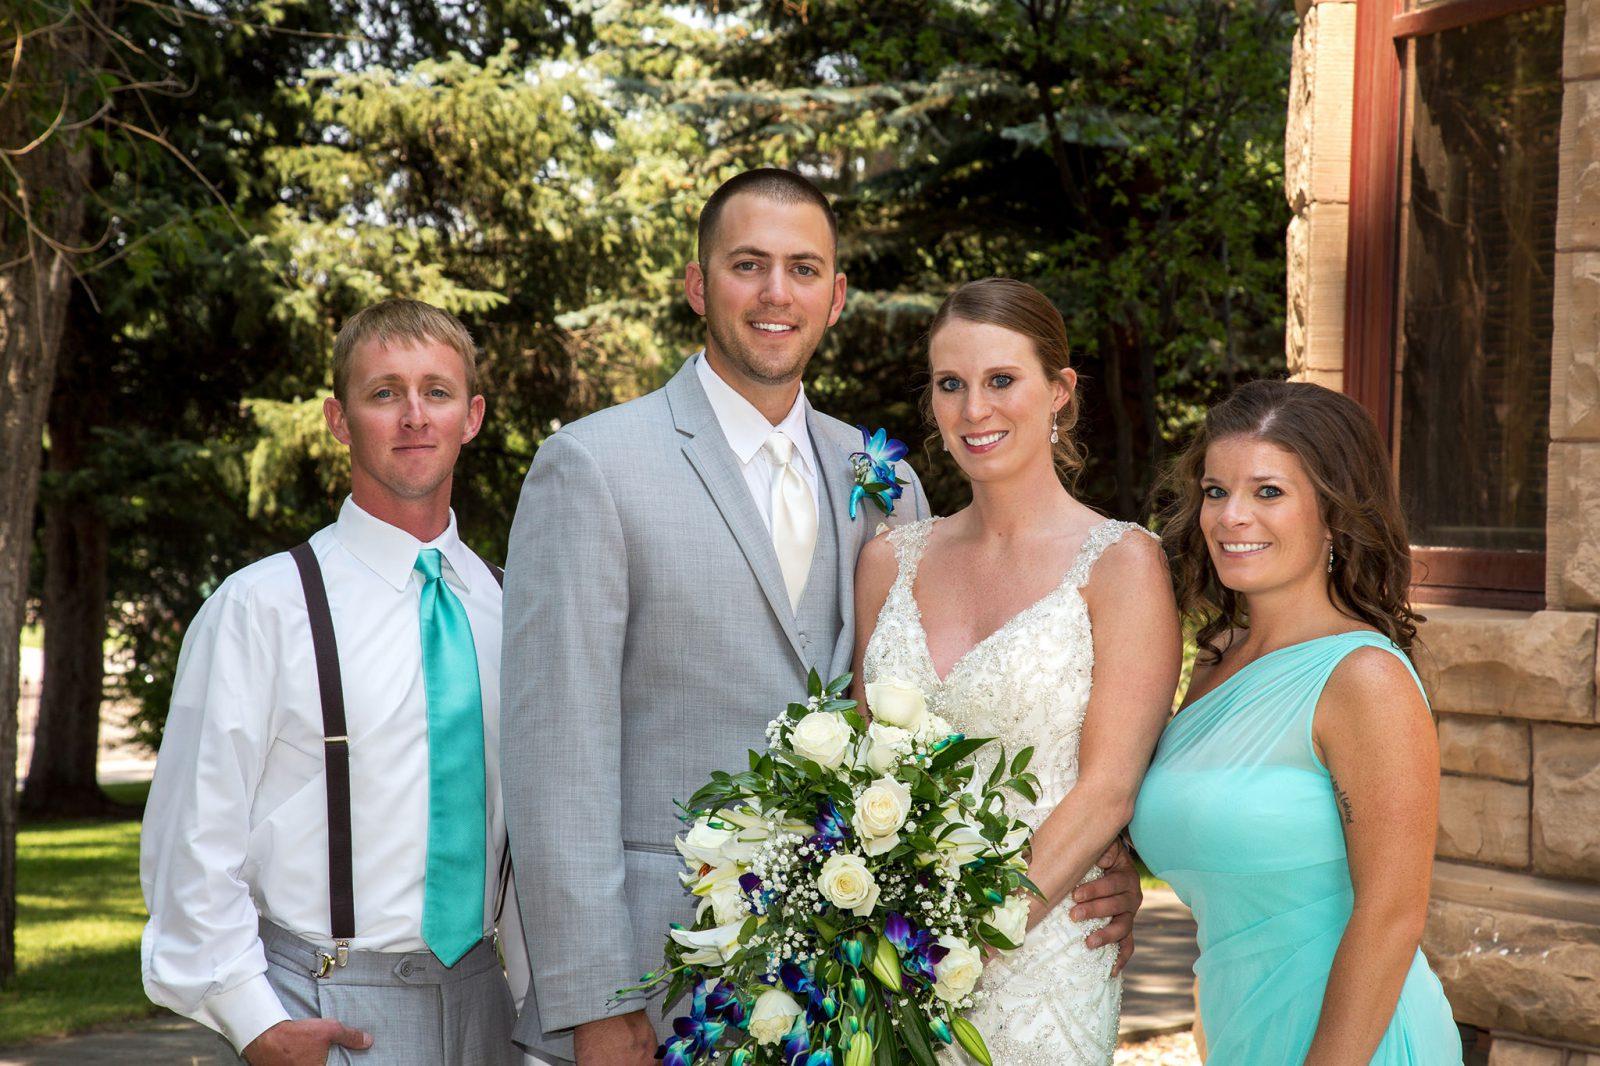 marchese_wedding_206 copy